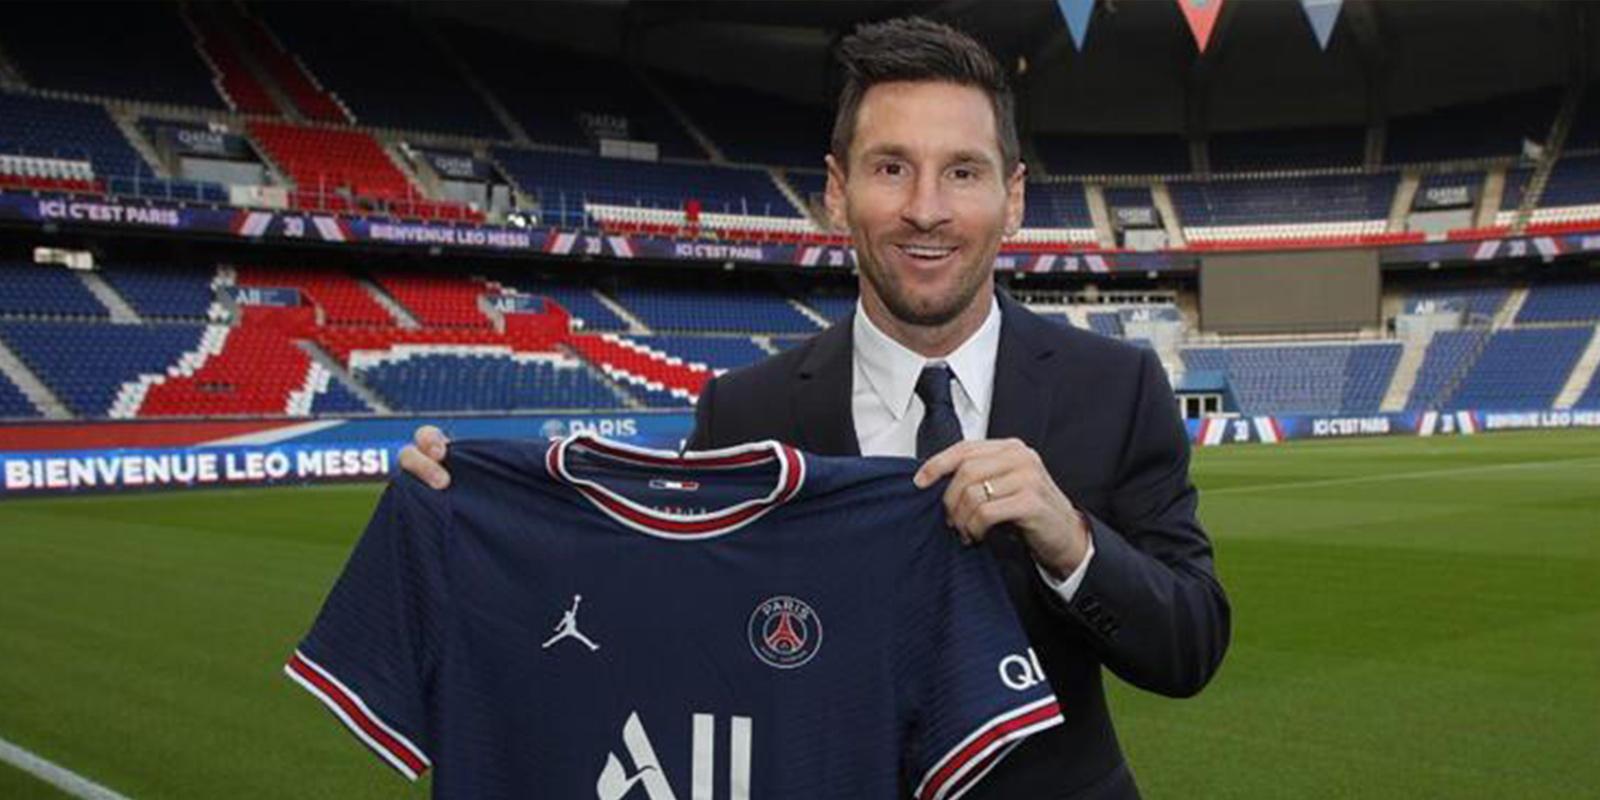 Lionel Messi kimdir? Nereli ve kaç yaşında?   Hangi takımlarda oynadı?   Messi ne kadar maaş alıyor?